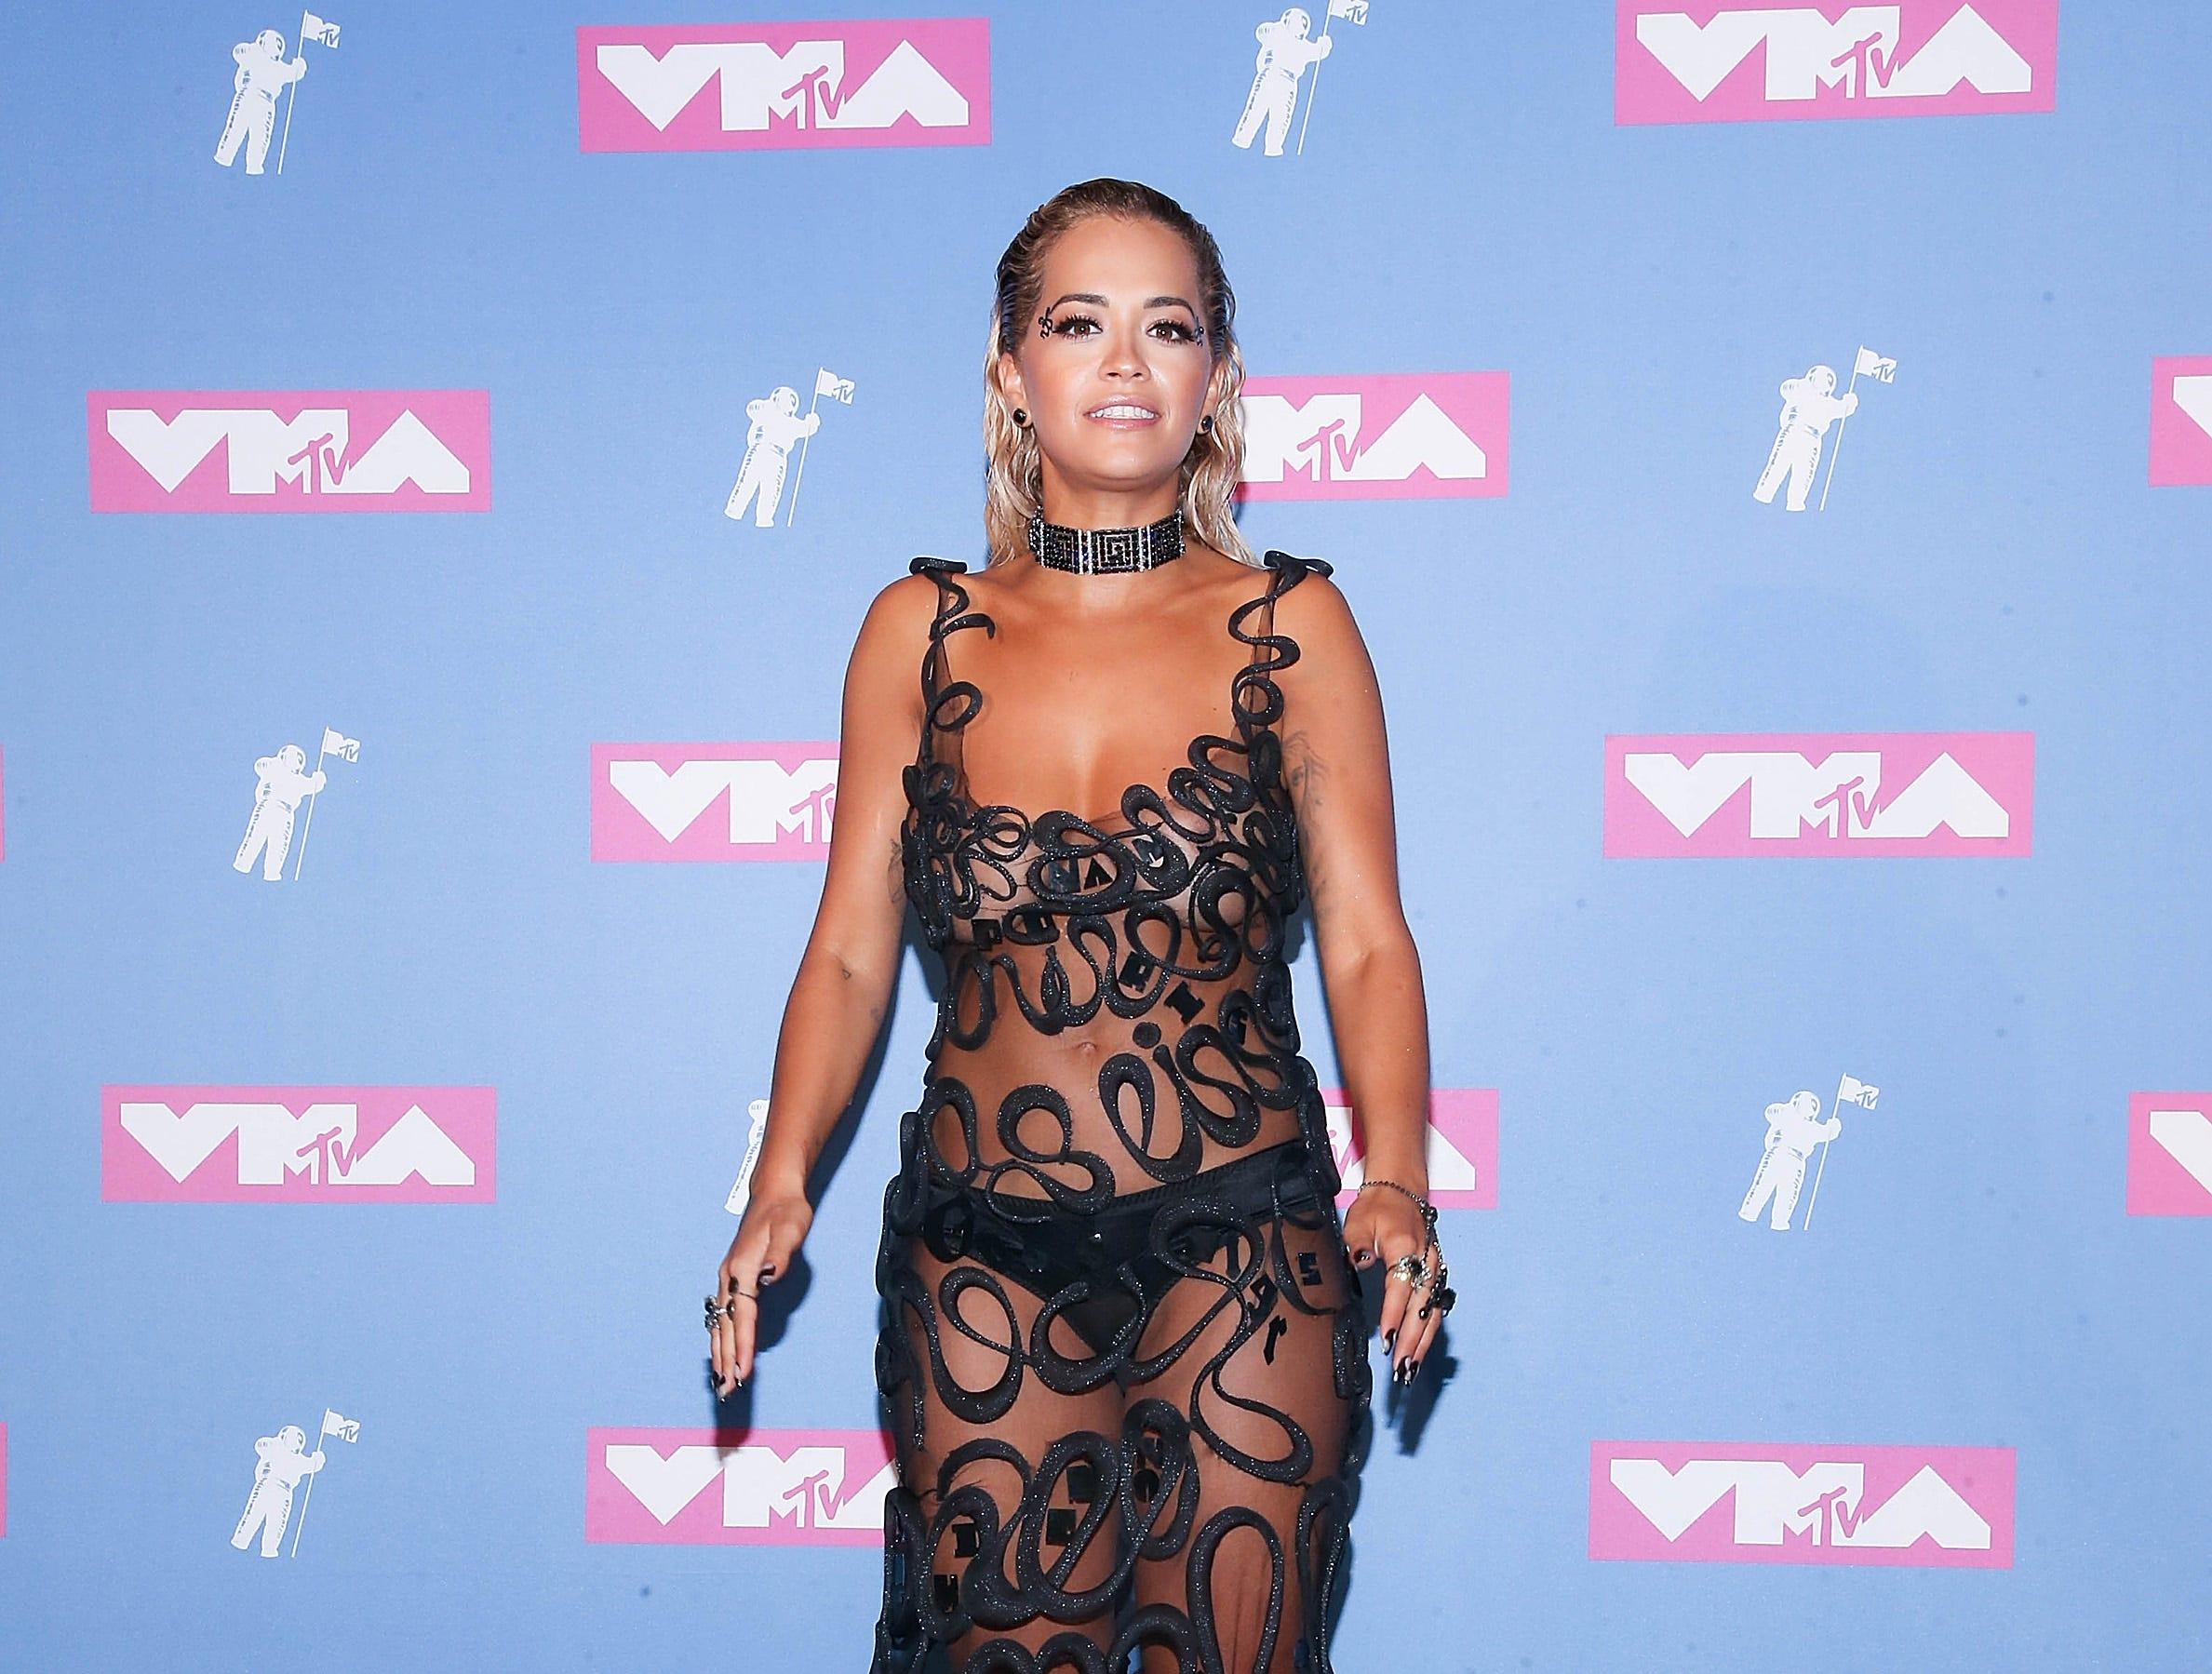 Rita Ora asiste a los MTV Video Music Awards 2018 en el Radio City Music Hall el 20 de agosto de 2018 en la ciudad de Nueva York.